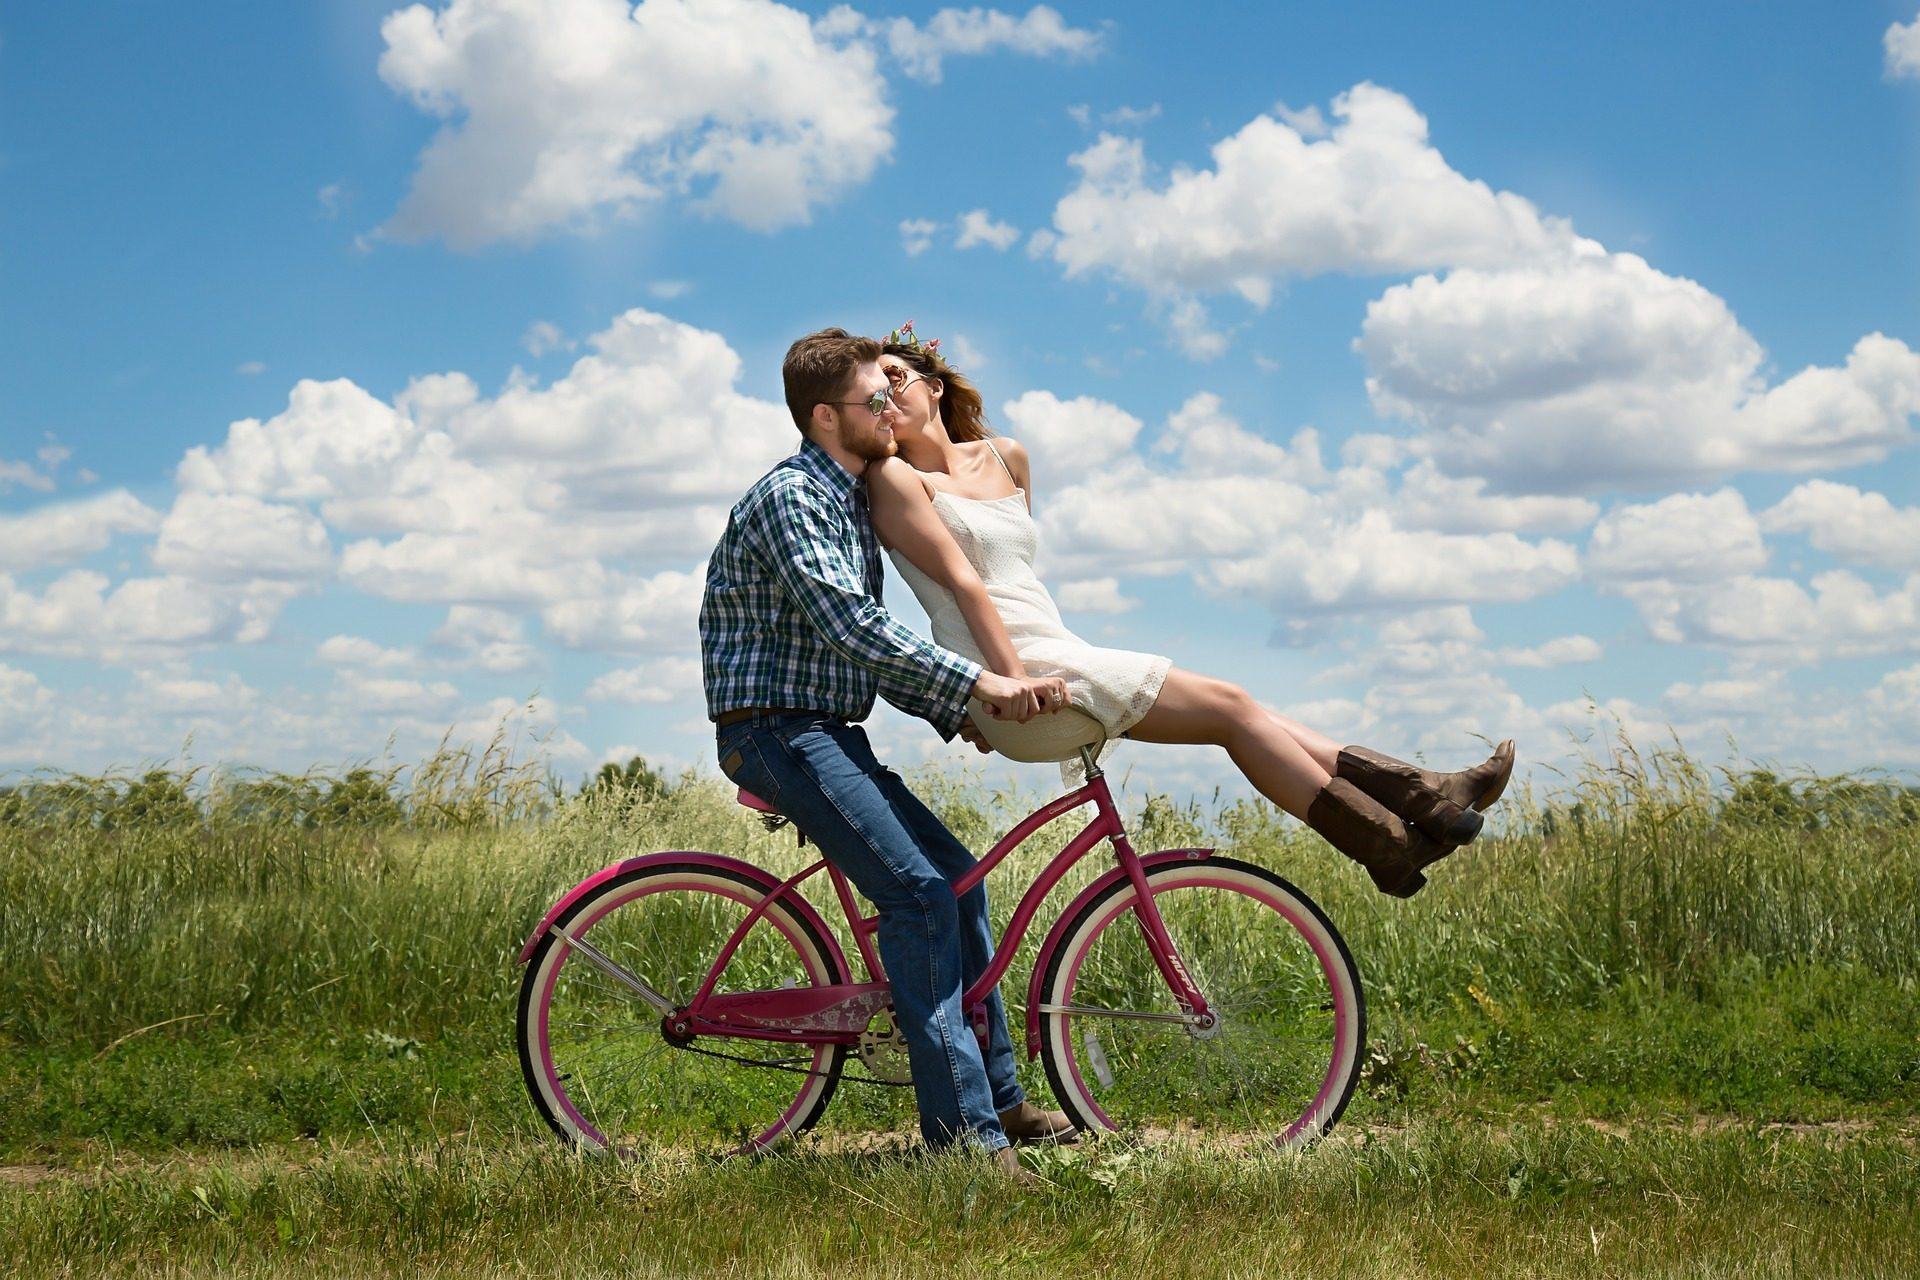 Ismerkedjen meg randevúval kapcsolatos kérdésekkel